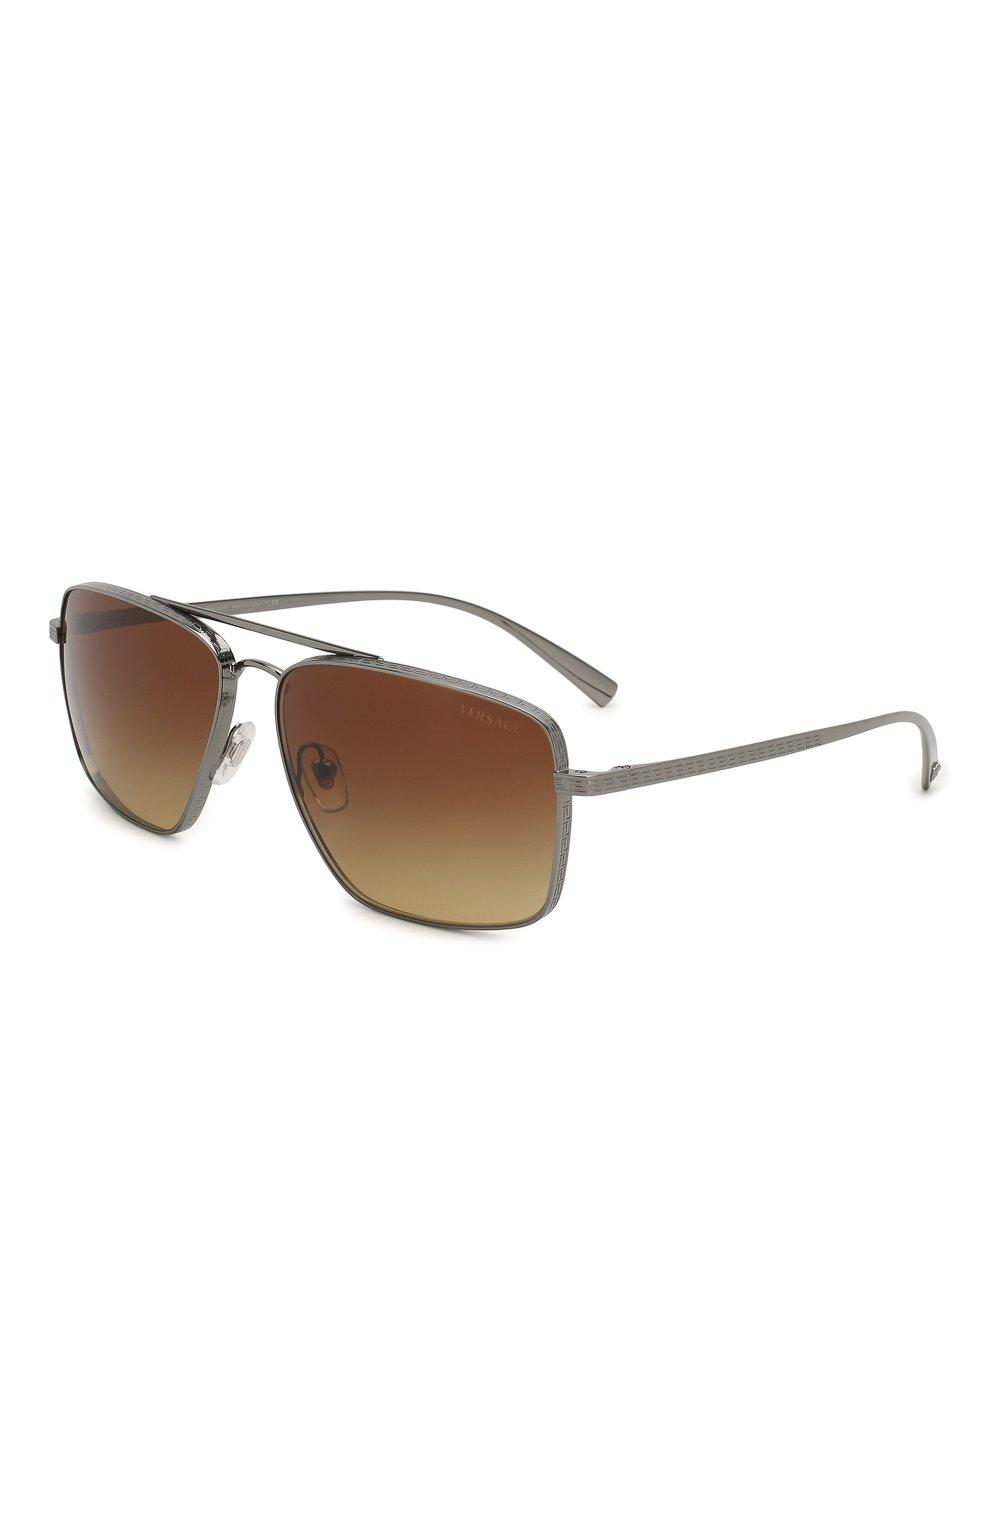 Женские солнцезащитные очки VERSACE коричневого цвета, арт. 2216-100113   Фото 1